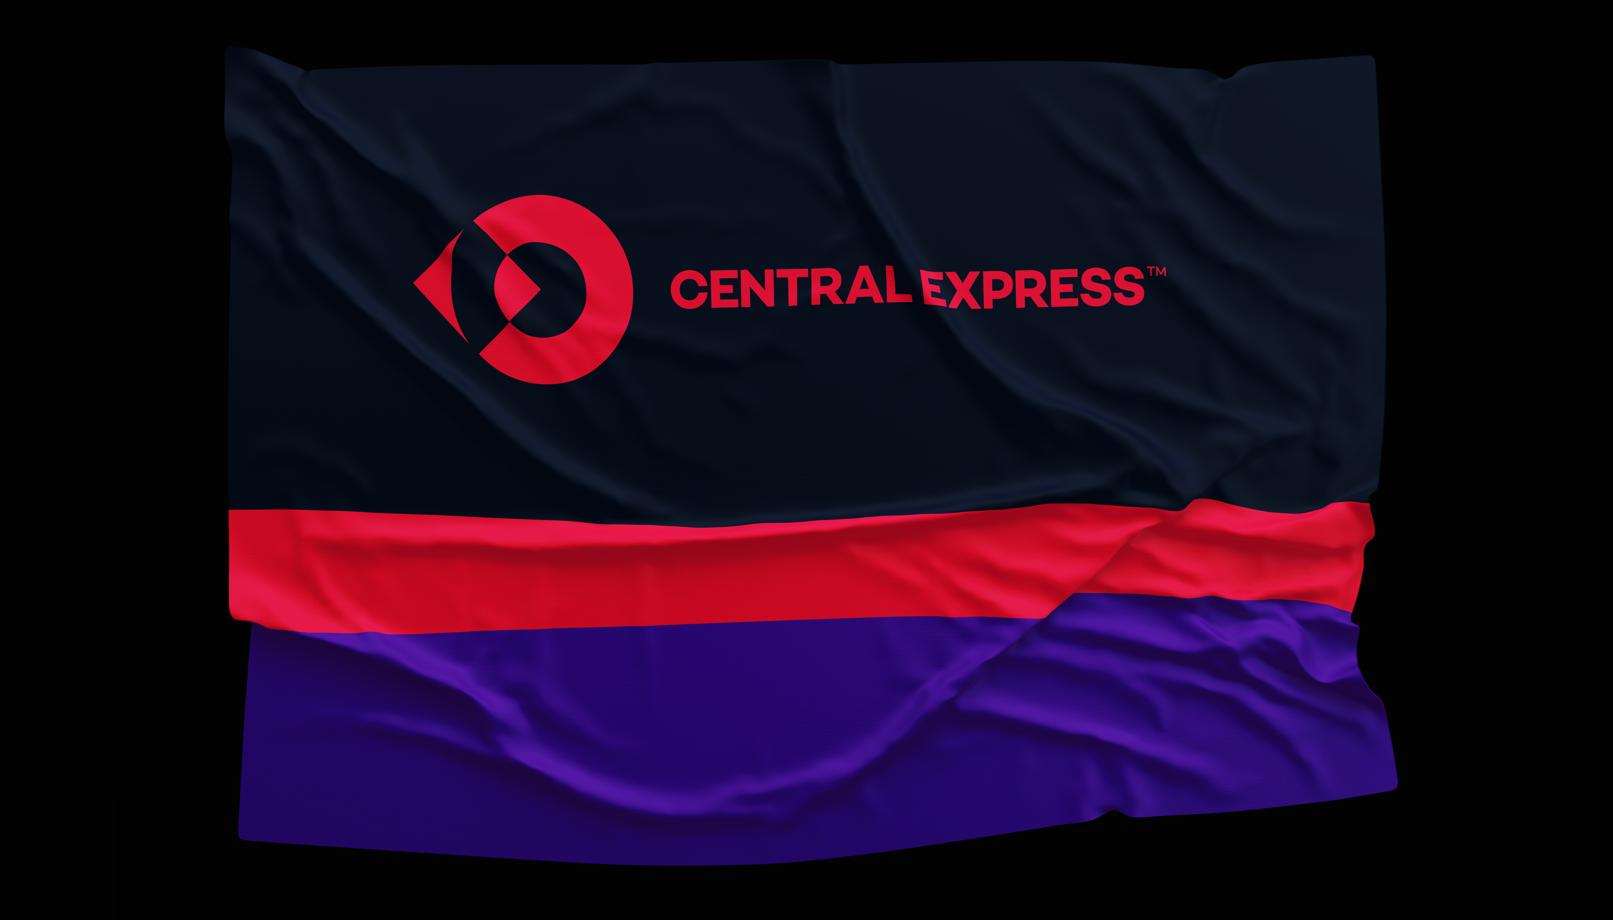 centralexpress-pedrolimaferreira-04